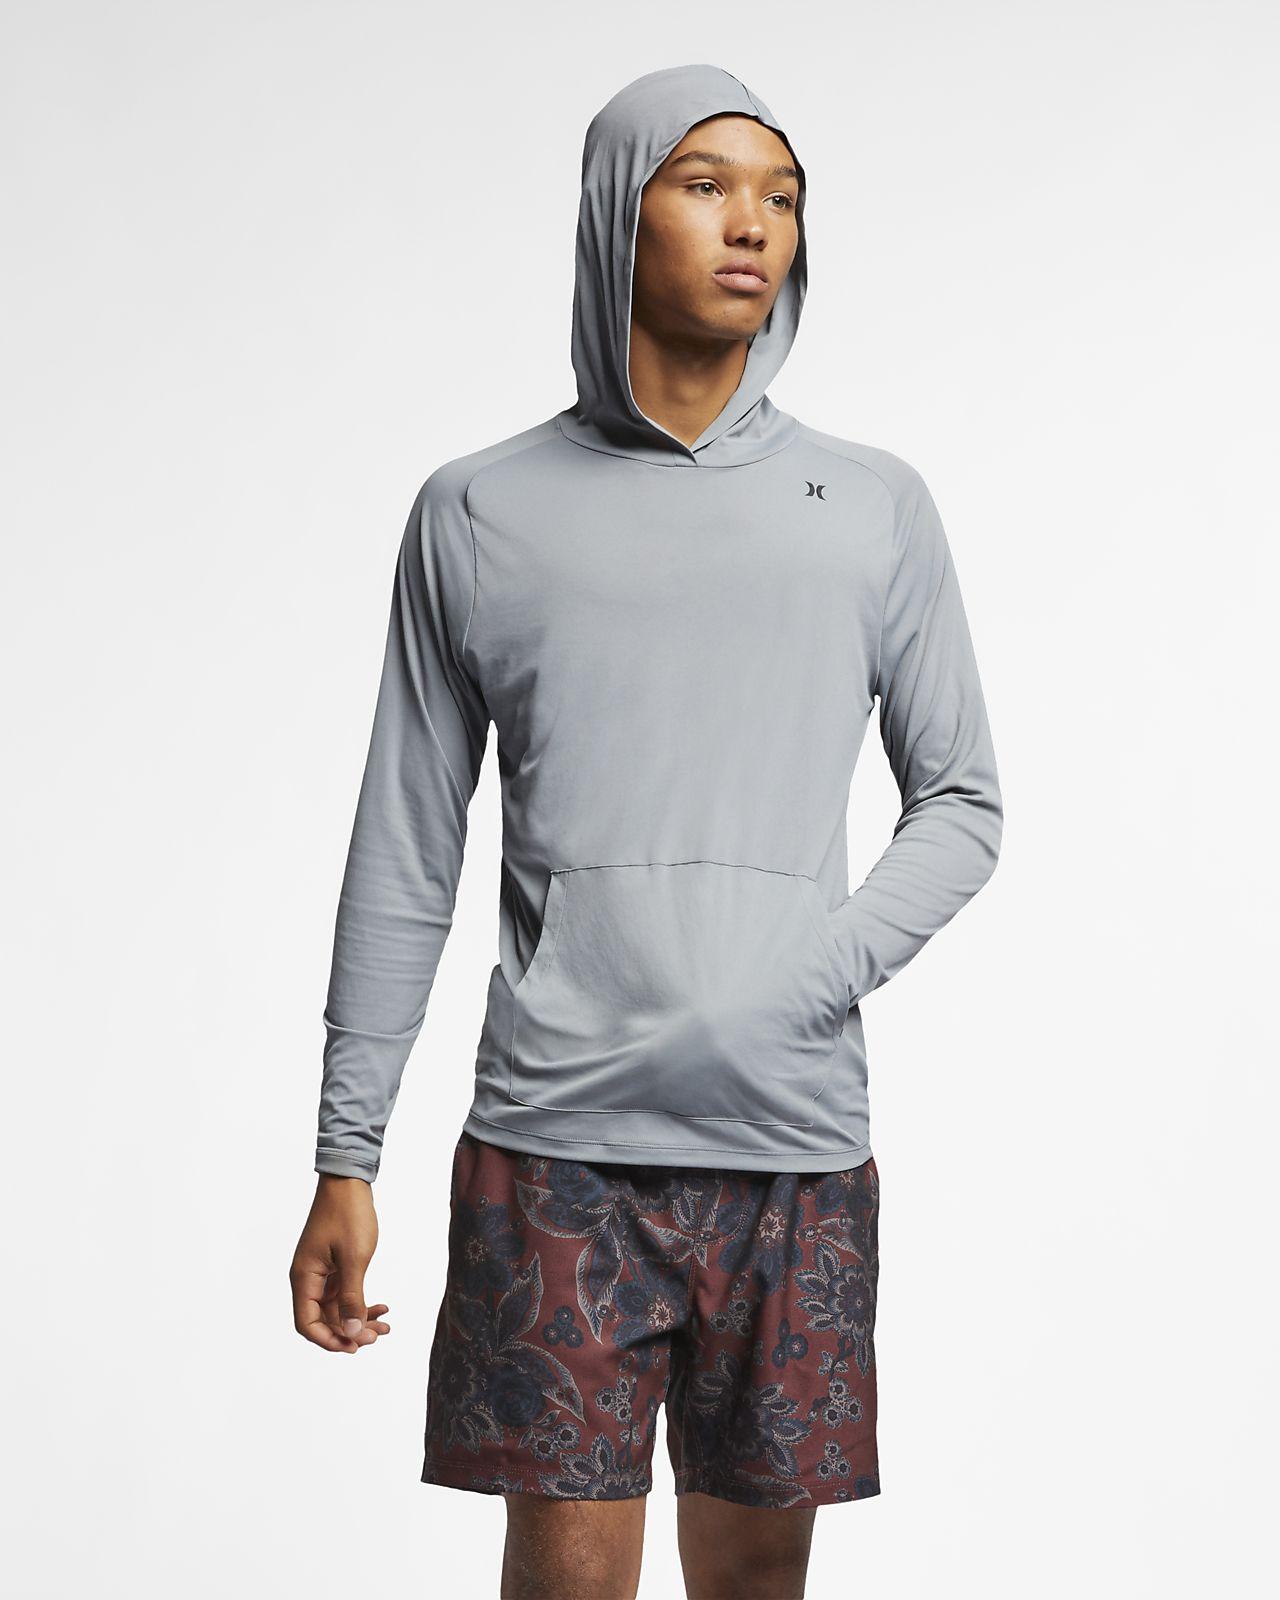 ee5f05587200 Pánský top s dlouhým rukávem a kapucí Hurley Quick Dry. Nike.com CZ